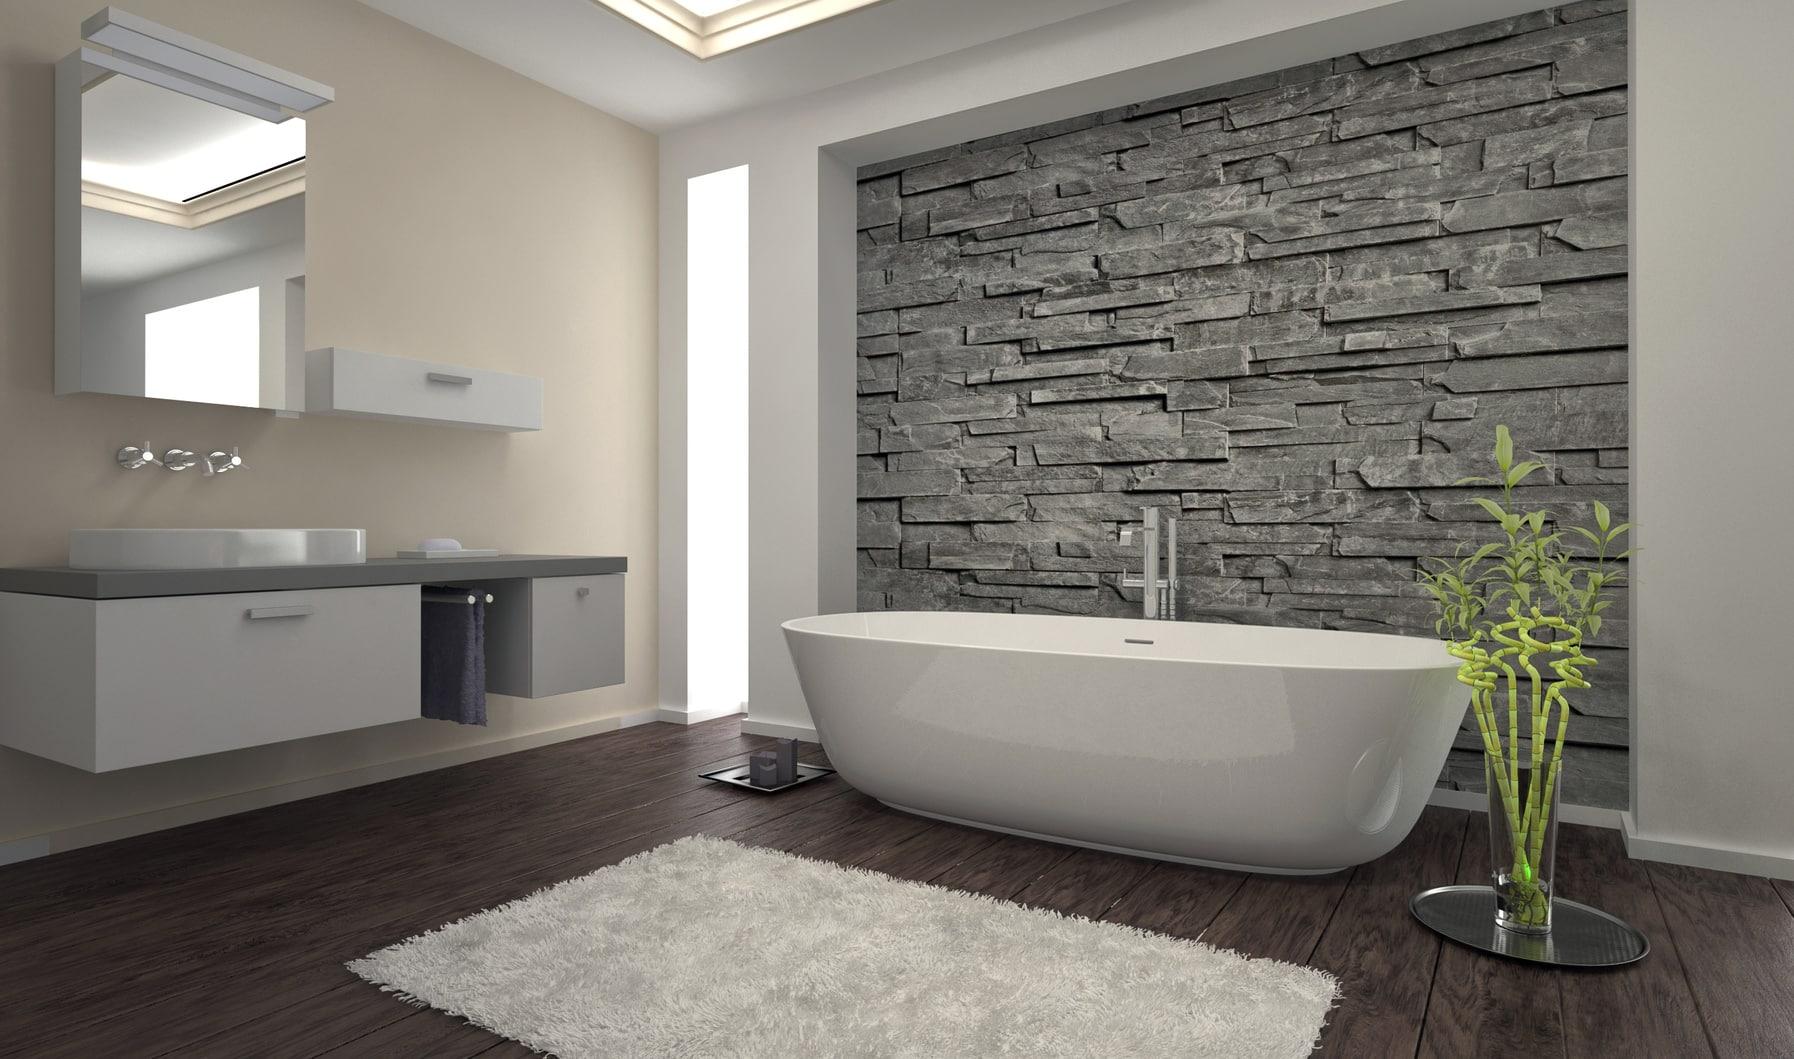 Prix de pose d une baignoire - Prix pour refaire une salle de bain ...